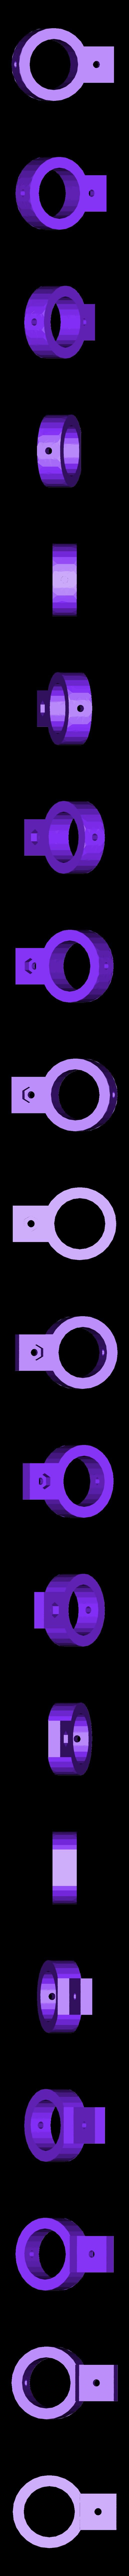 Handle_Collar.stl Télécharger fichier STL gratuit Serrure de porte • Plan à imprimer en 3D, Morcelkin